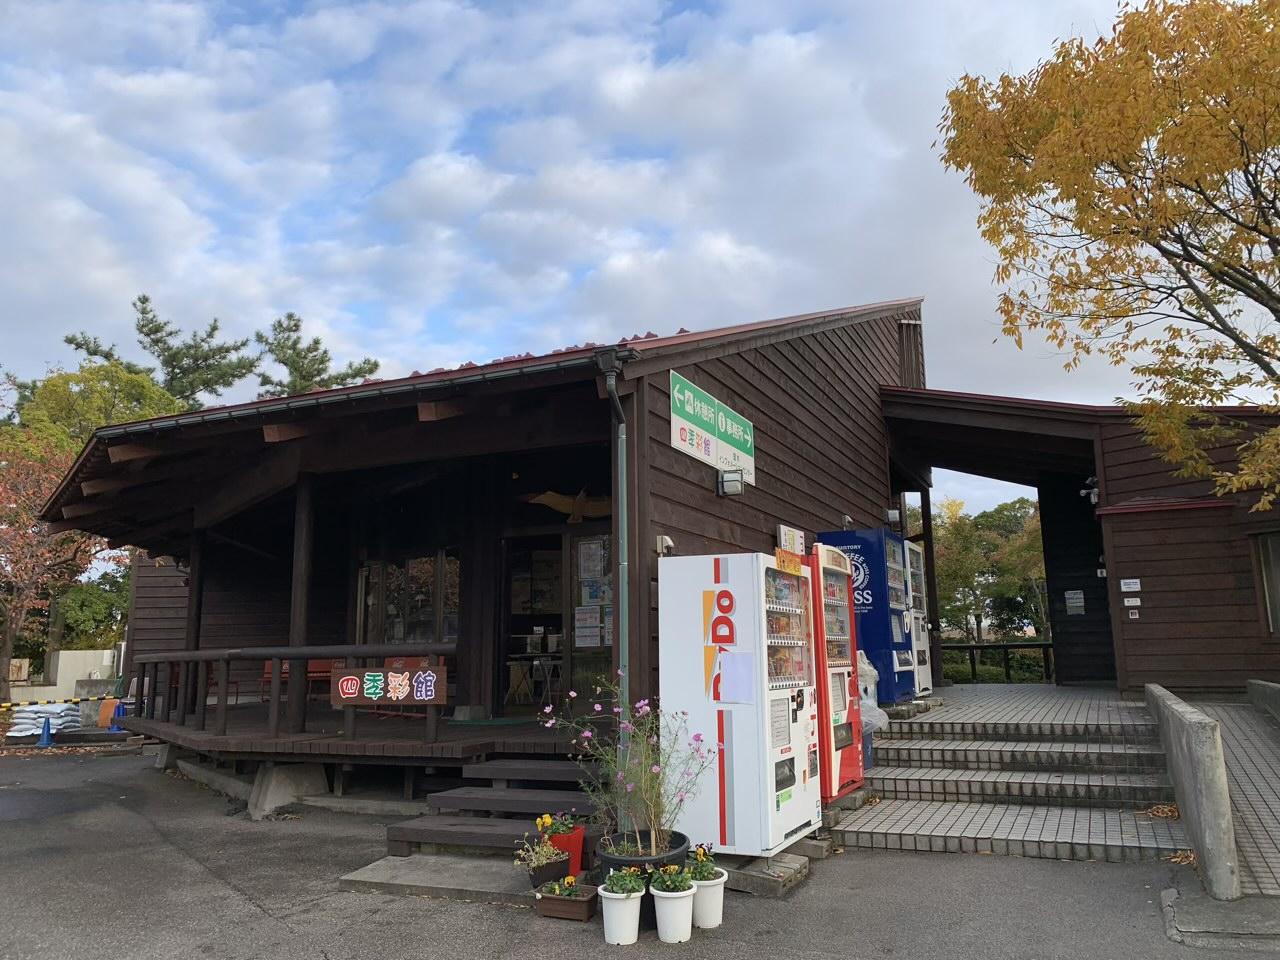 鐘木インフォメーションセンター・四季彩館